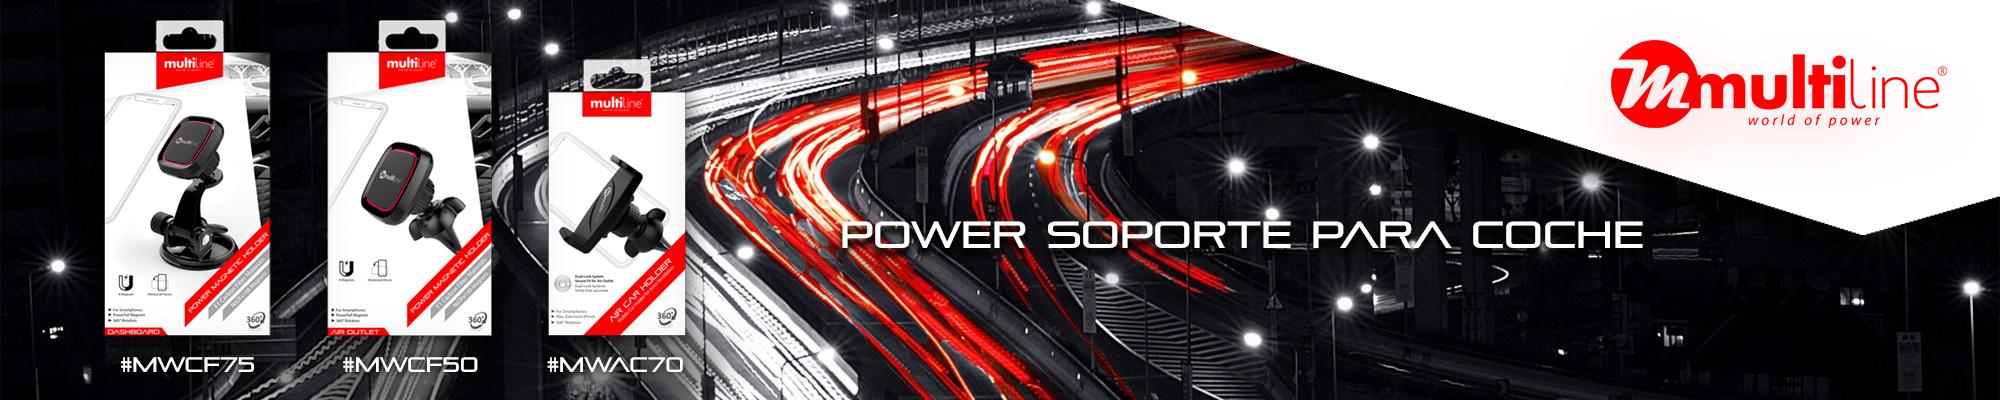 Nuevos accesorios disponibles para Multiline. Power Soporte Para Coche